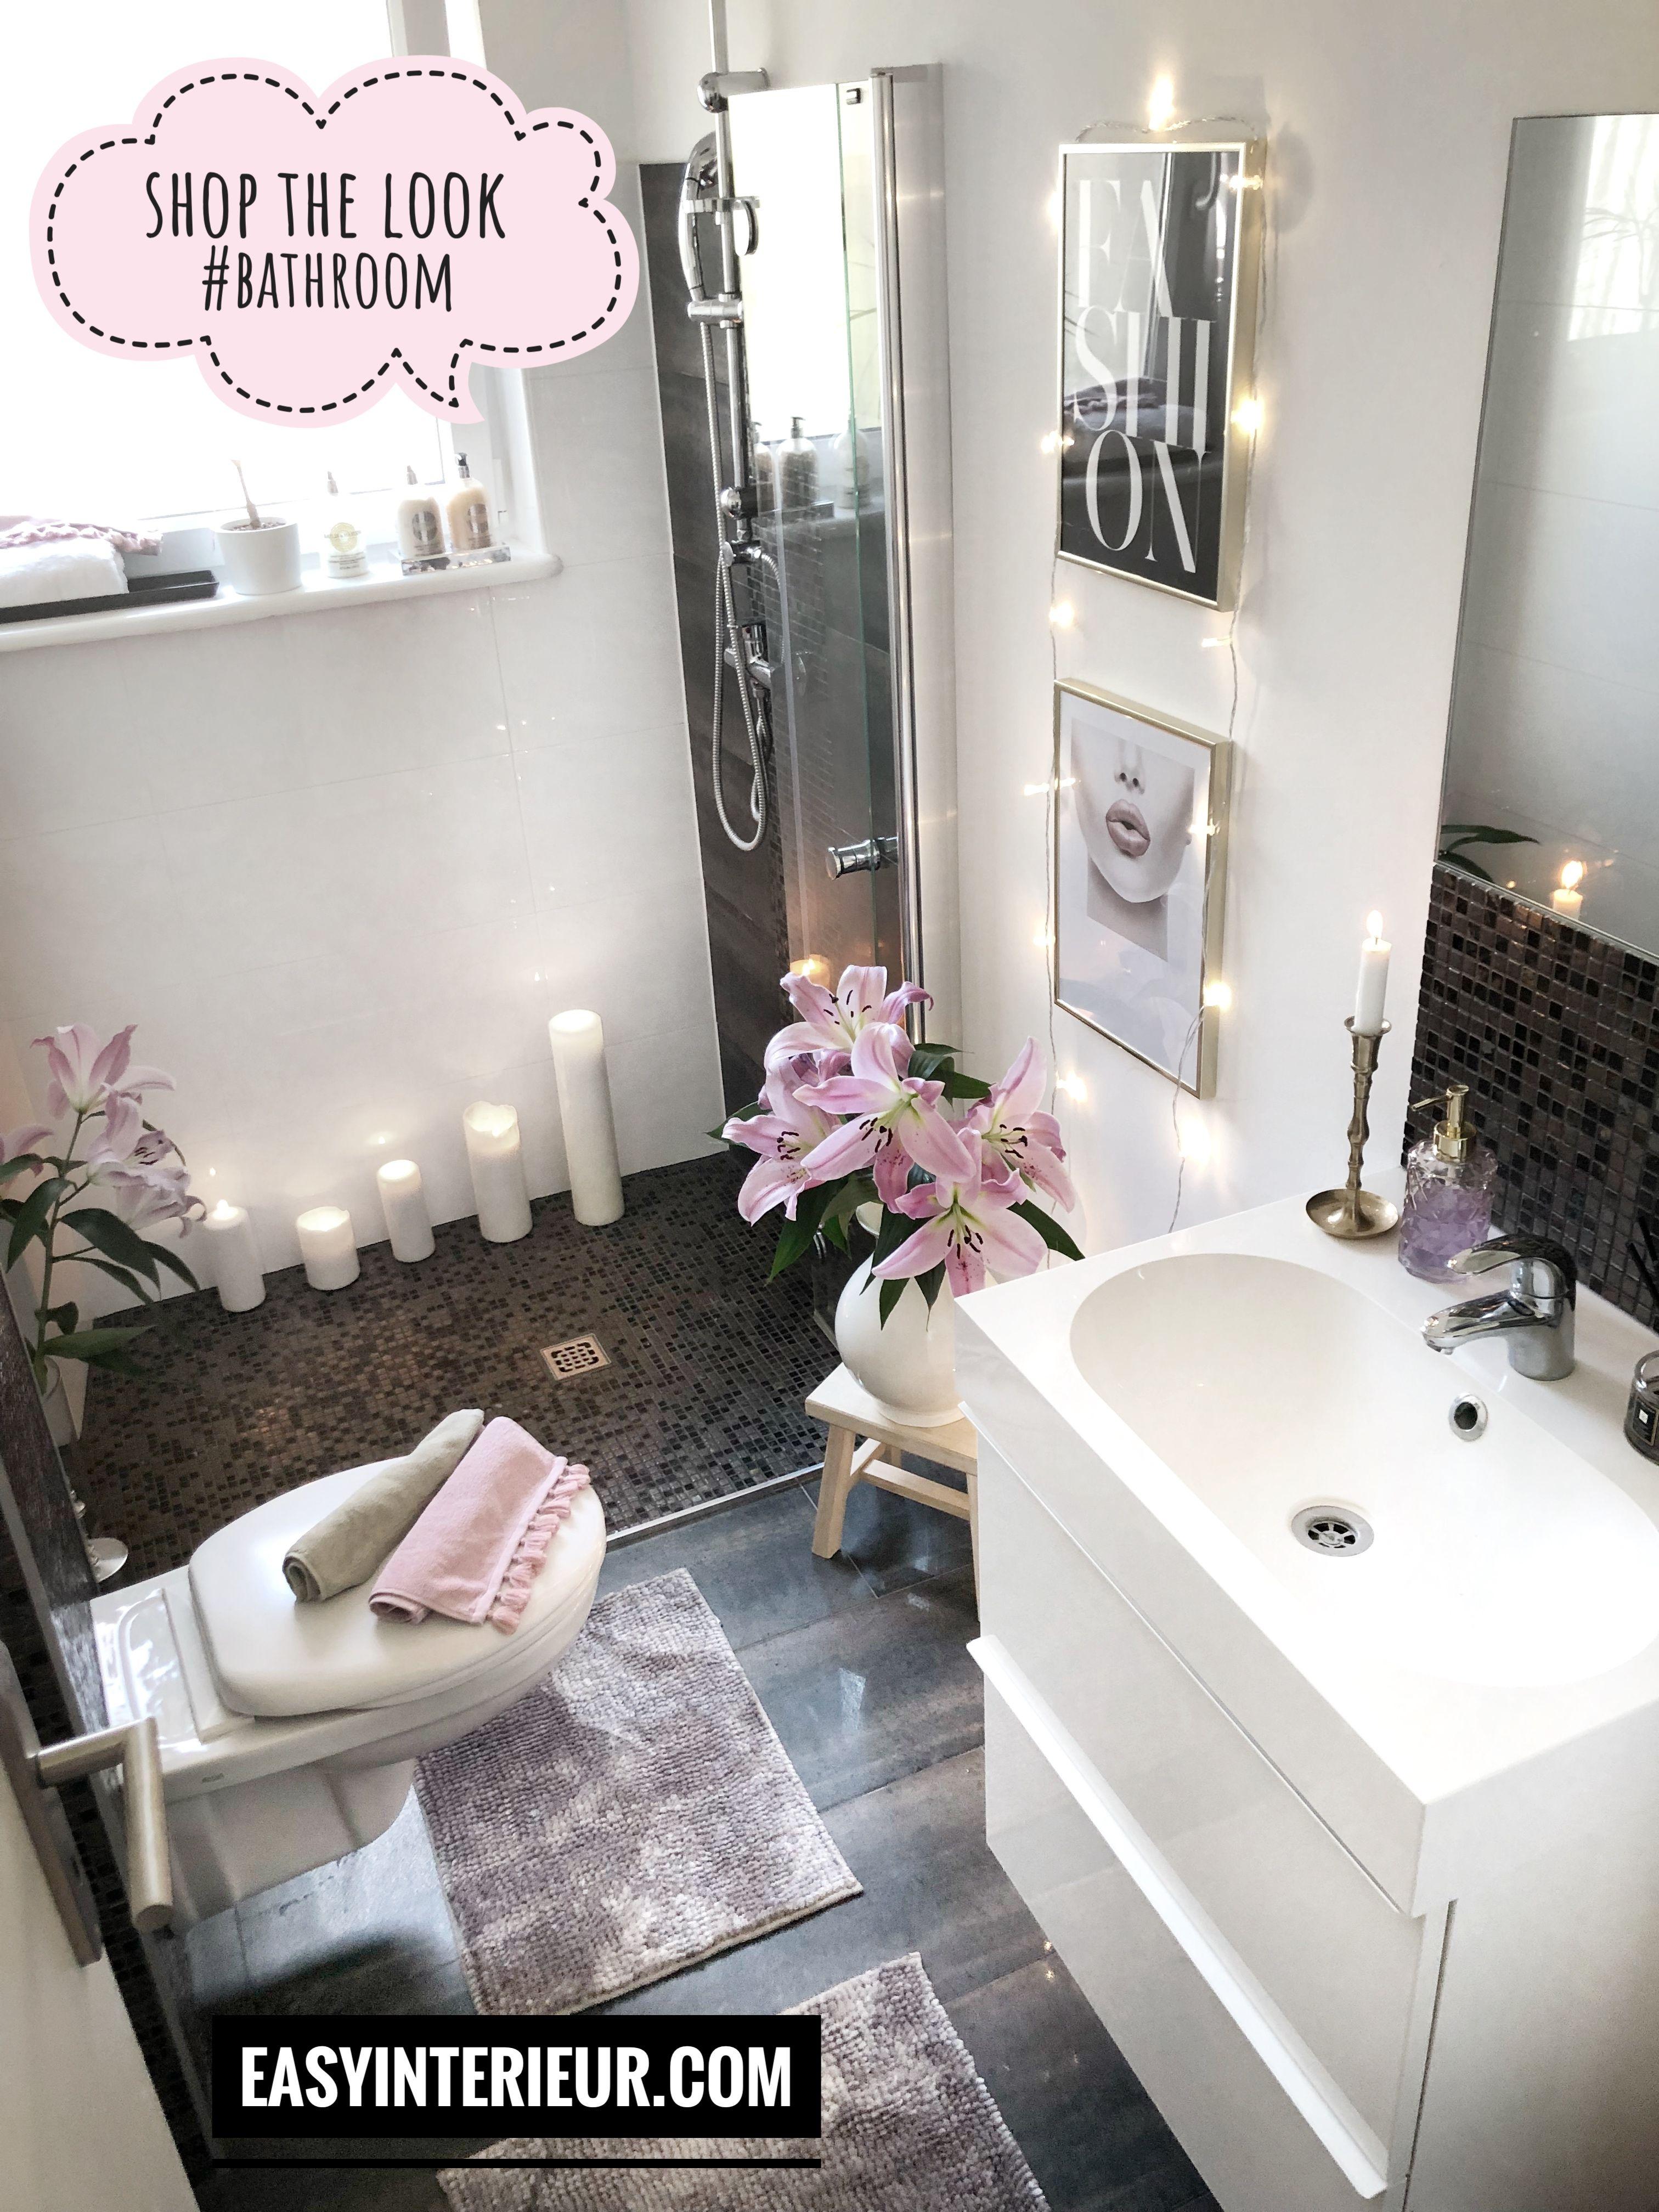 Werbung Badezimmer Gastewc Wc Toilette Dusche Kerzen Lichter